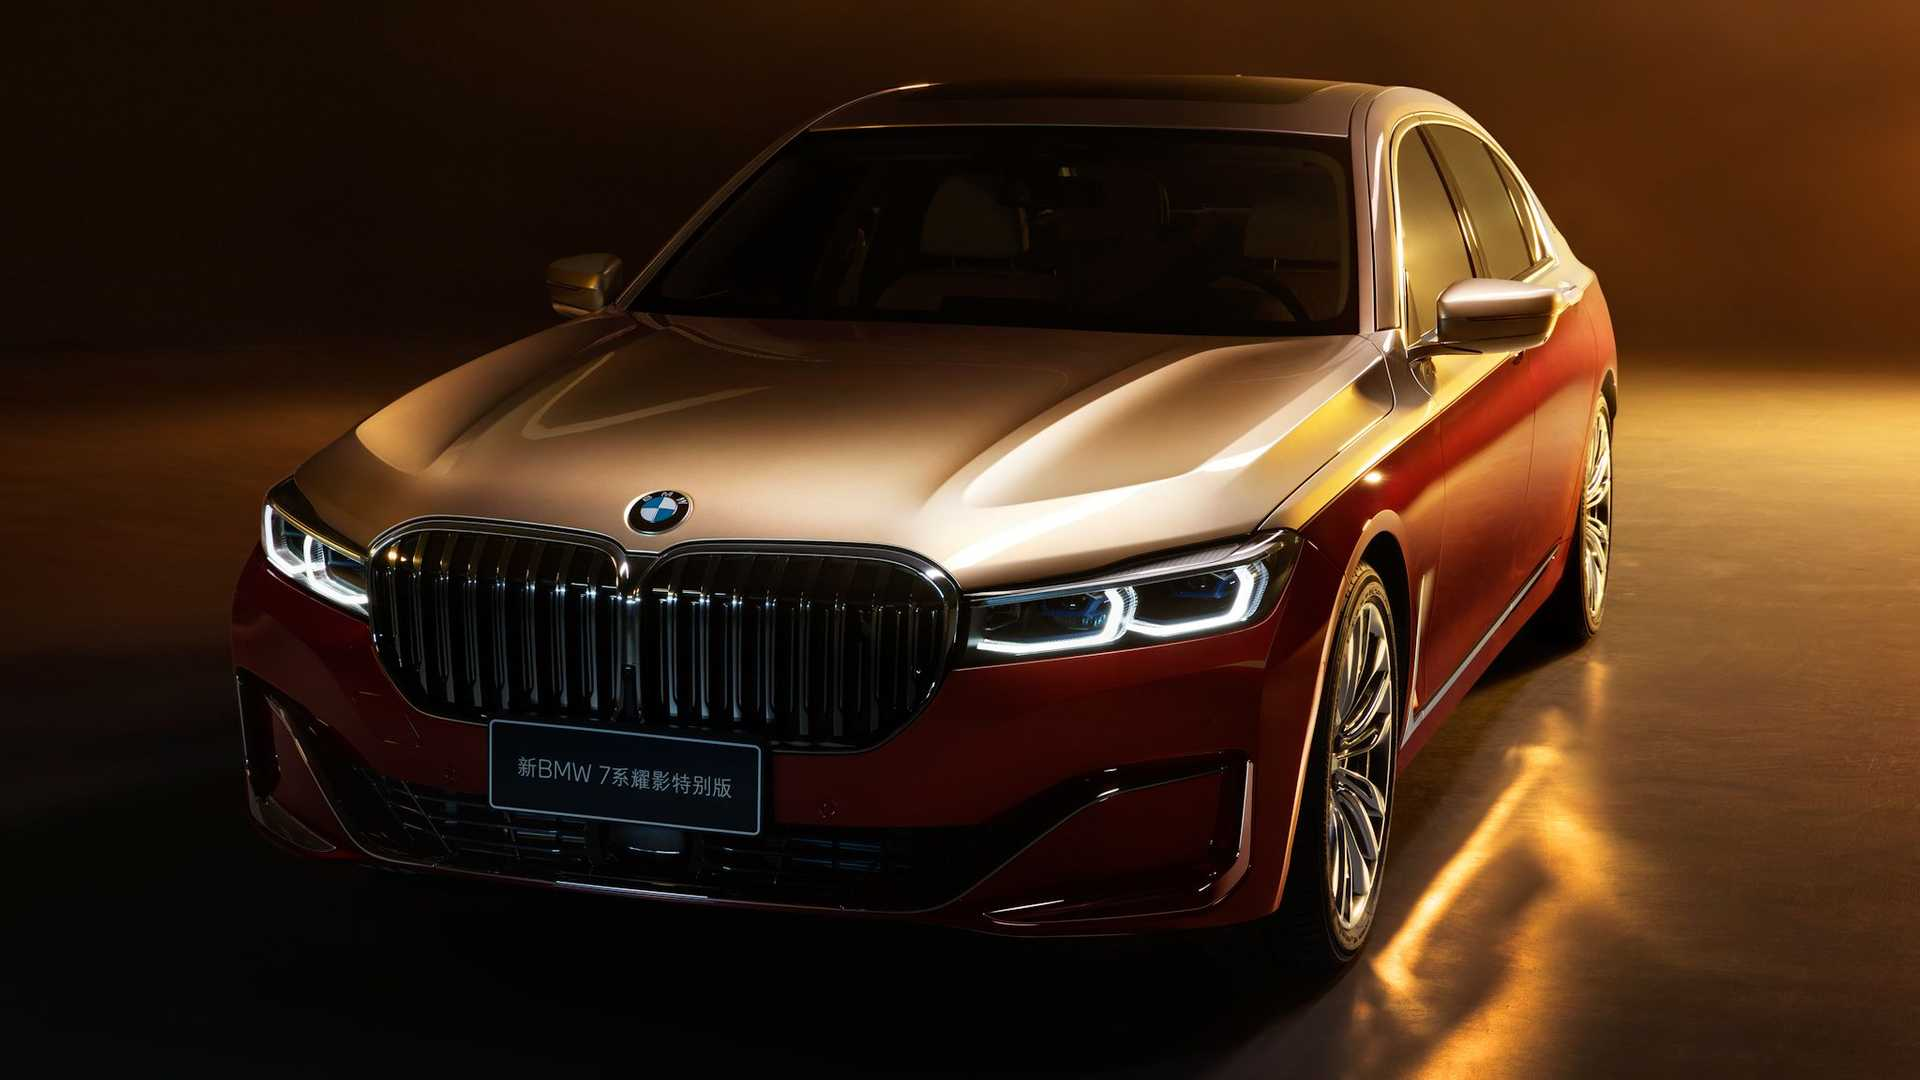 BMWが中国市場向けに7シリーズの豪華限定モデル「ツートーン」、そしてi4 M Sport発表。メルセデス、アウディに比較するとやや寂しい内容に